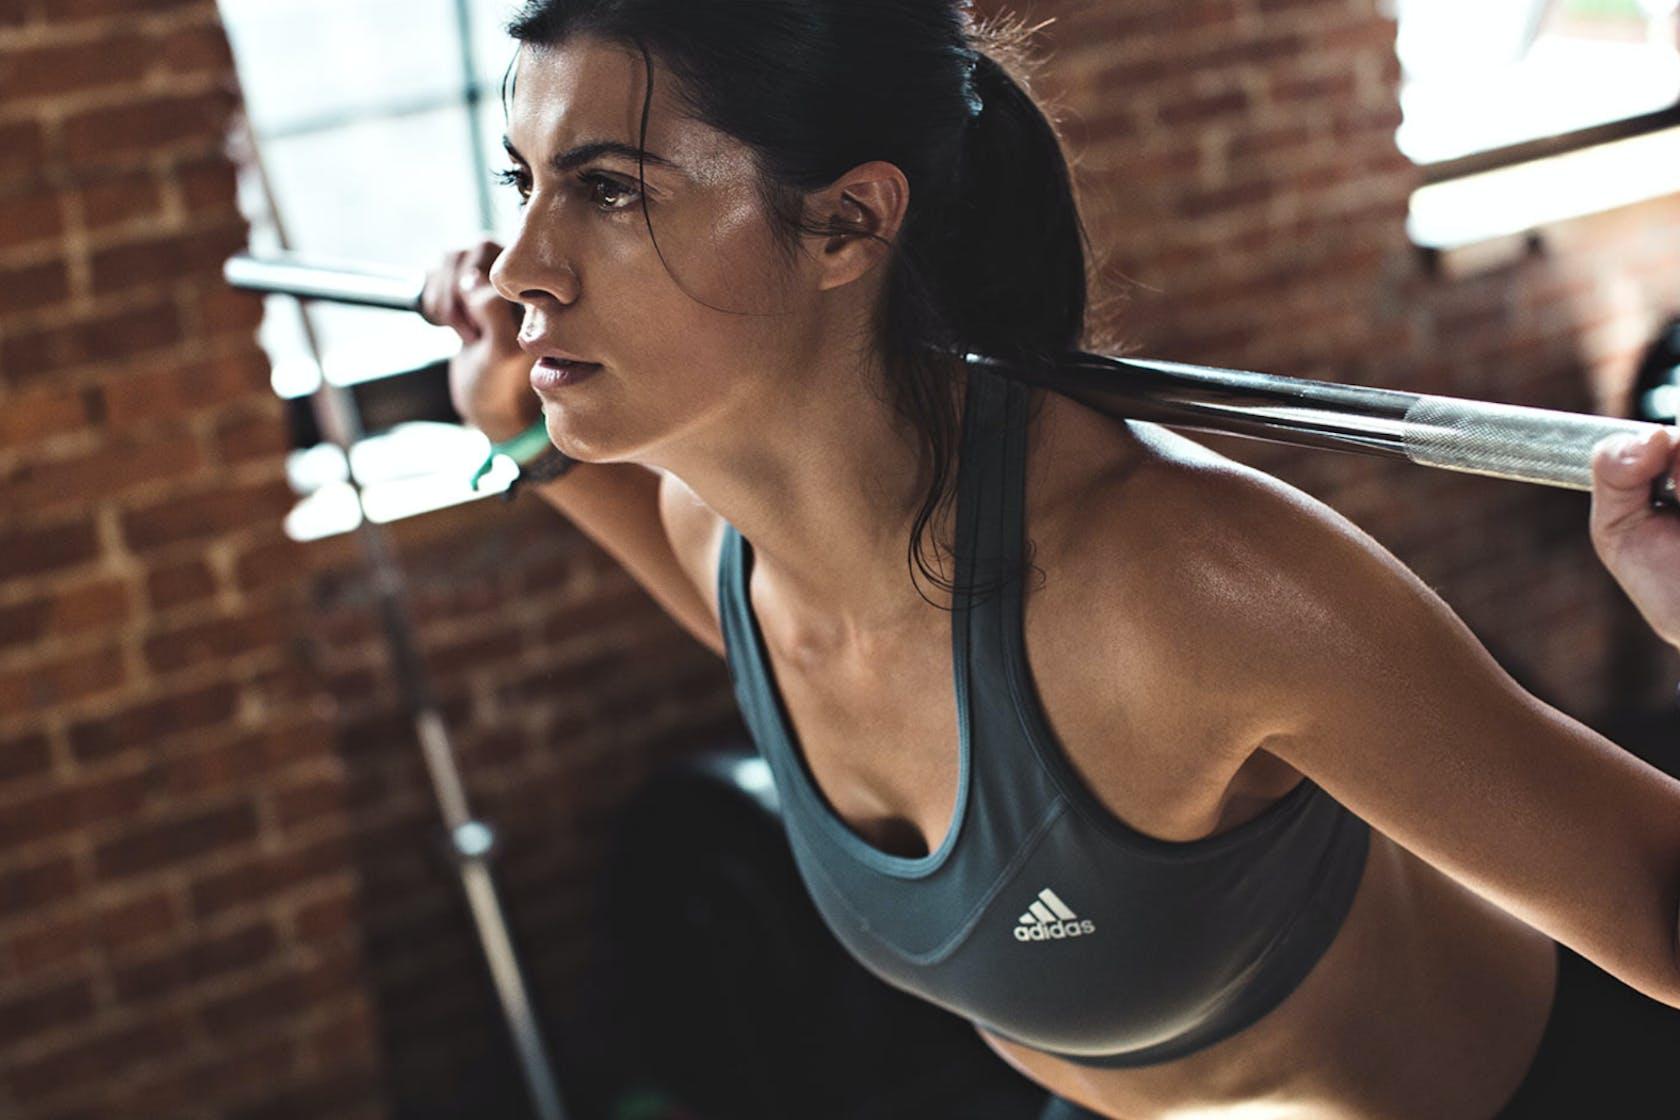 Fitness Onlineshop | Bekleidung Ausruestung Schuhe